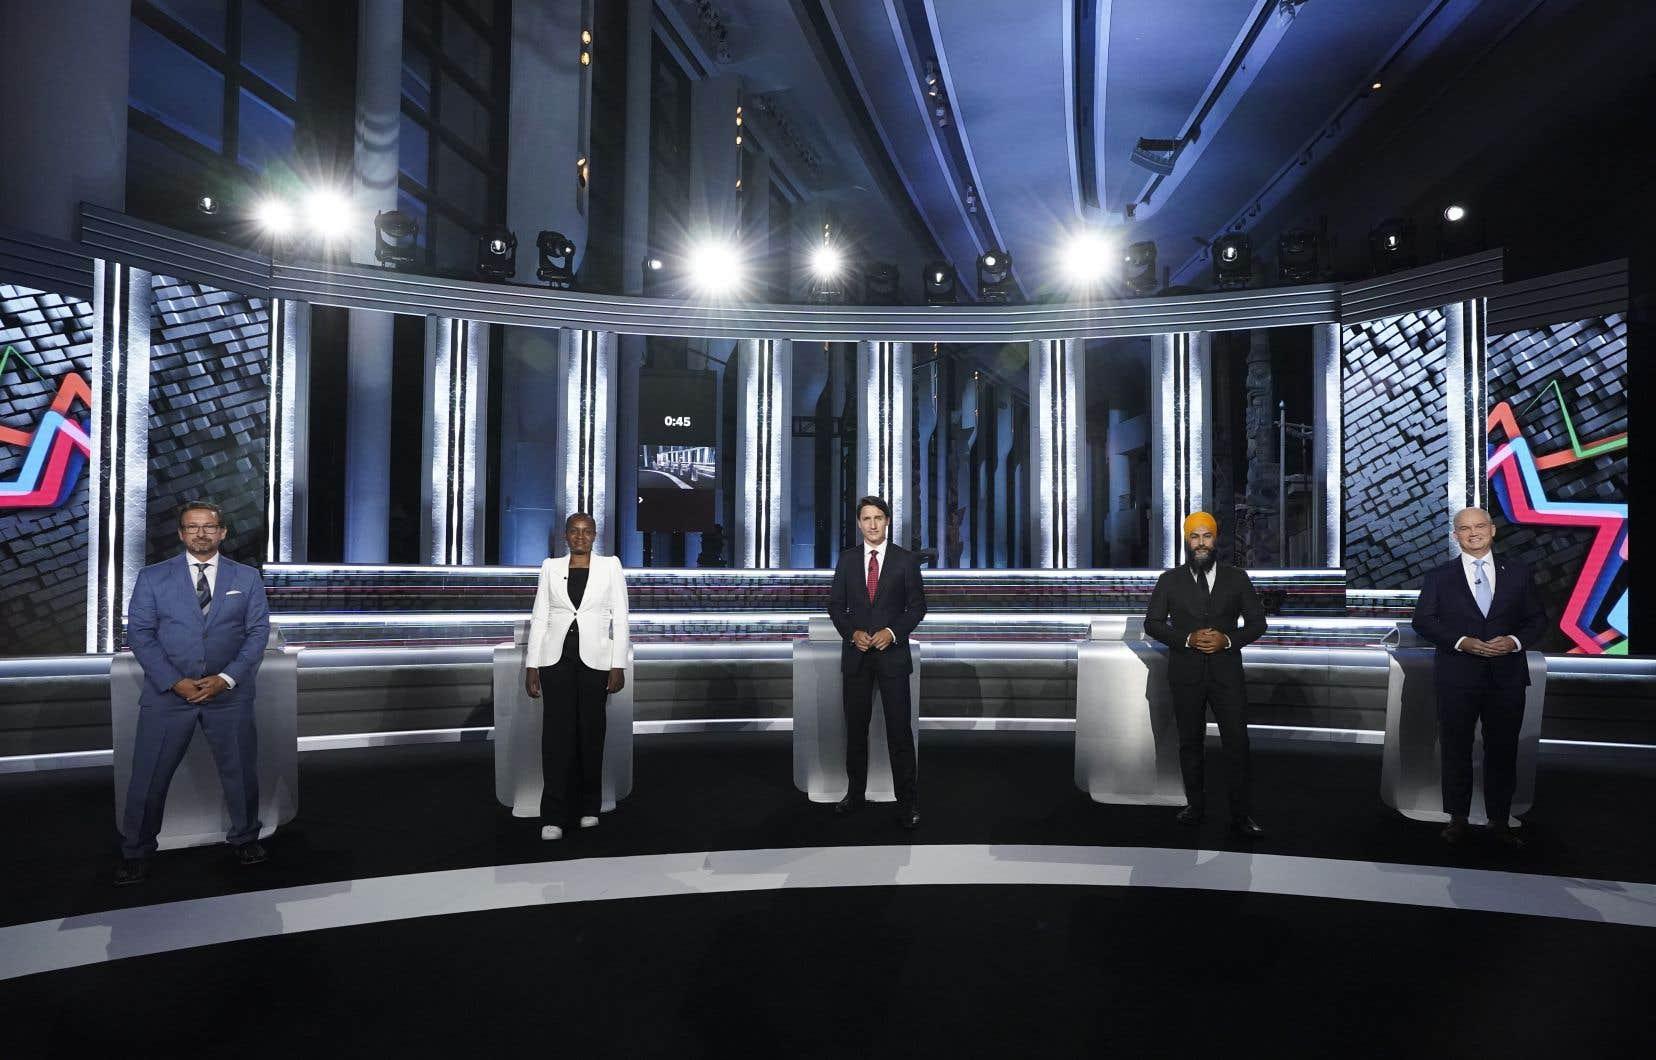 Le débat anglais est la seule chance pour trois des chefs des cinq principaux partis de débattre dans leur langue maternelle et de convaincre les électeurs des provinces à majorité anglophone.